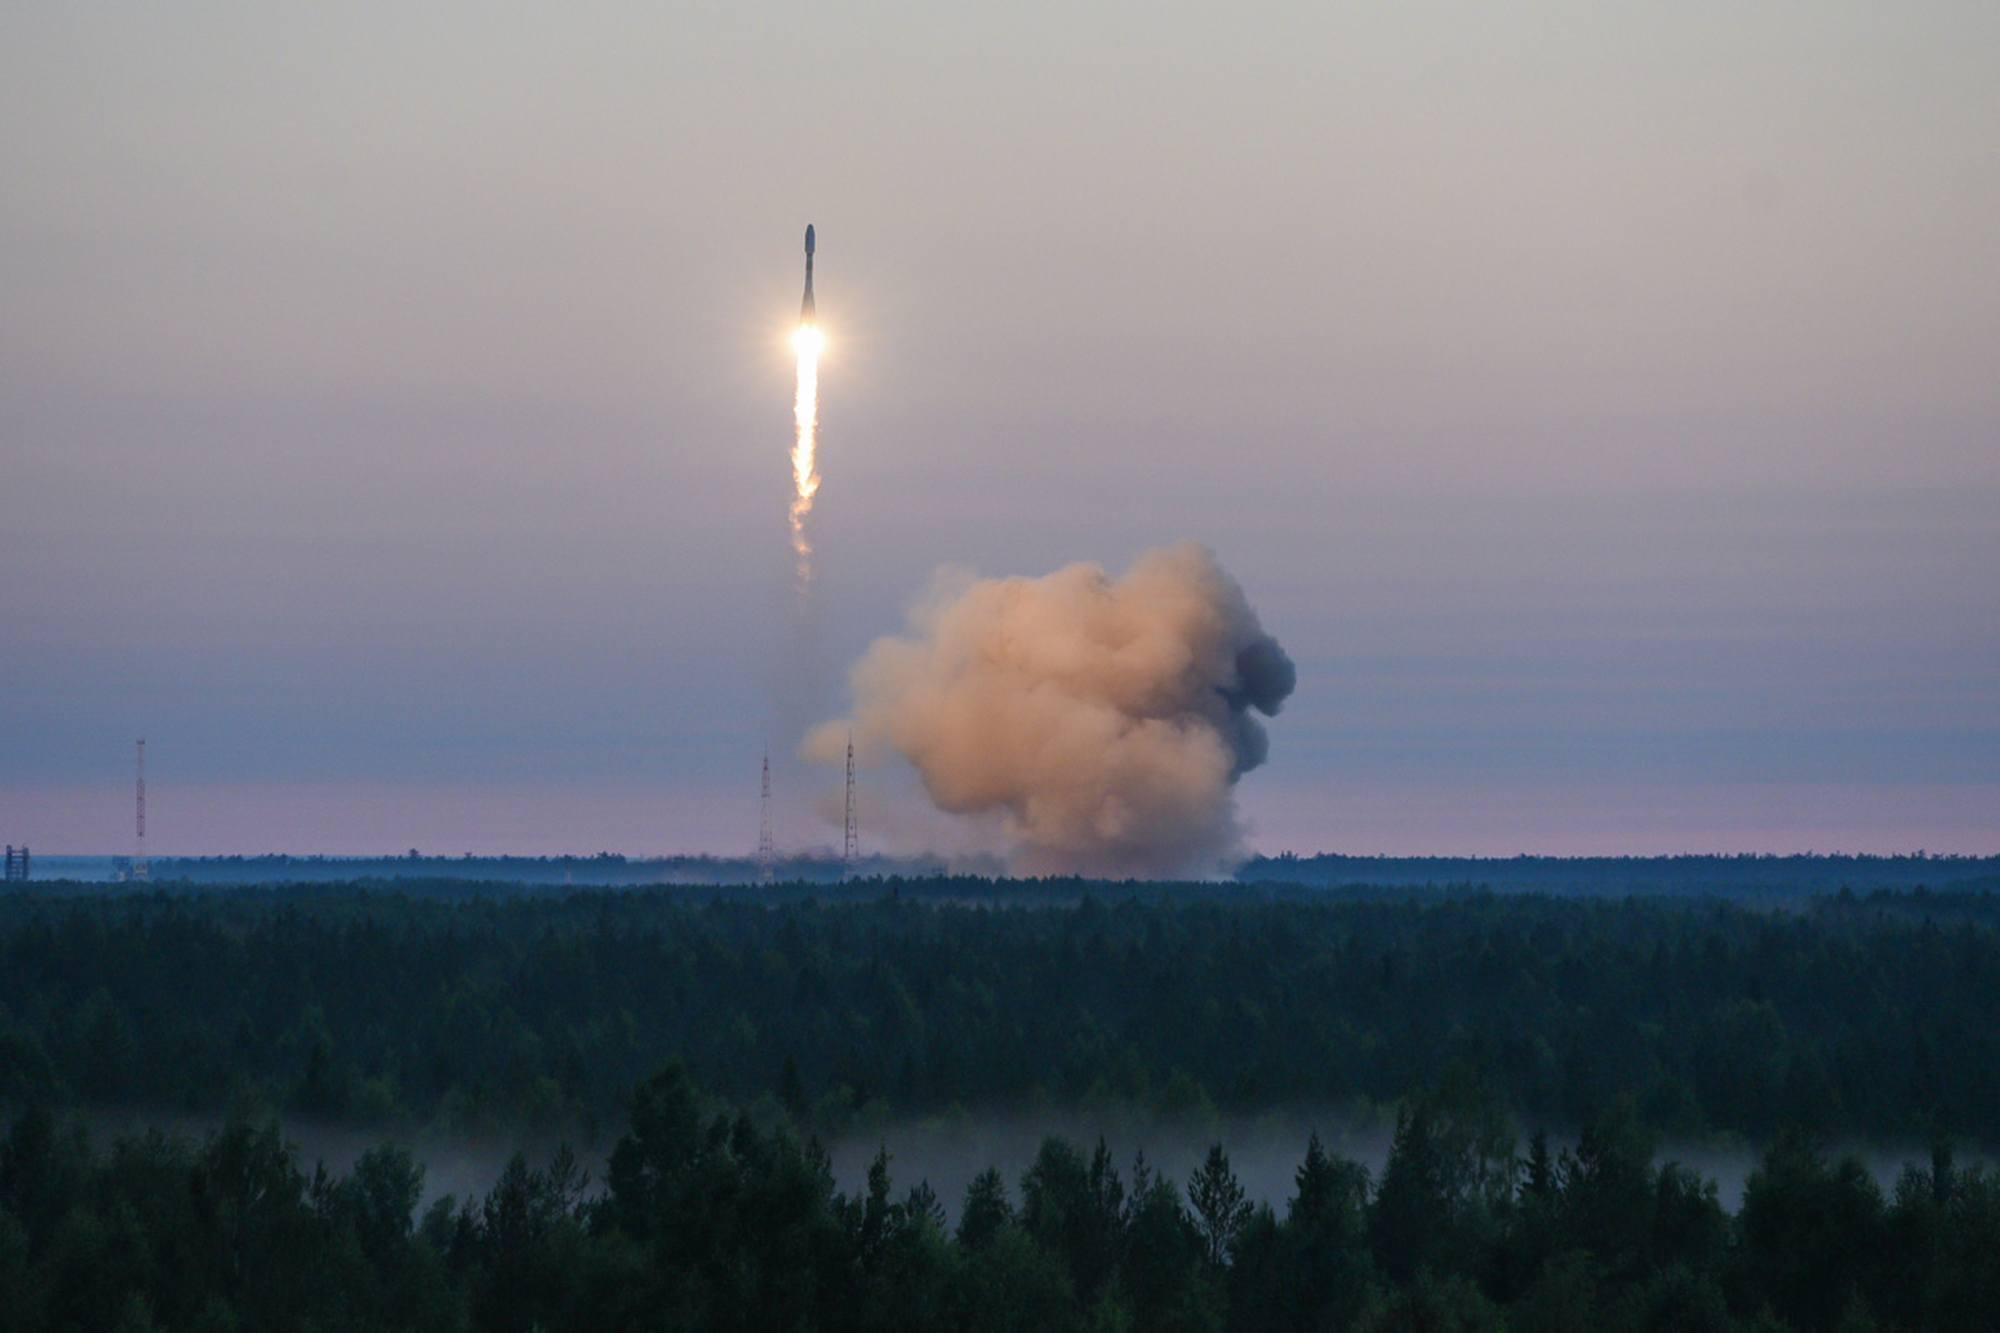 Le lanceur Soyouz s'élève au dessus de la taïga du cosmodrome militaire de Plesetsk, au Nord de la Russie.